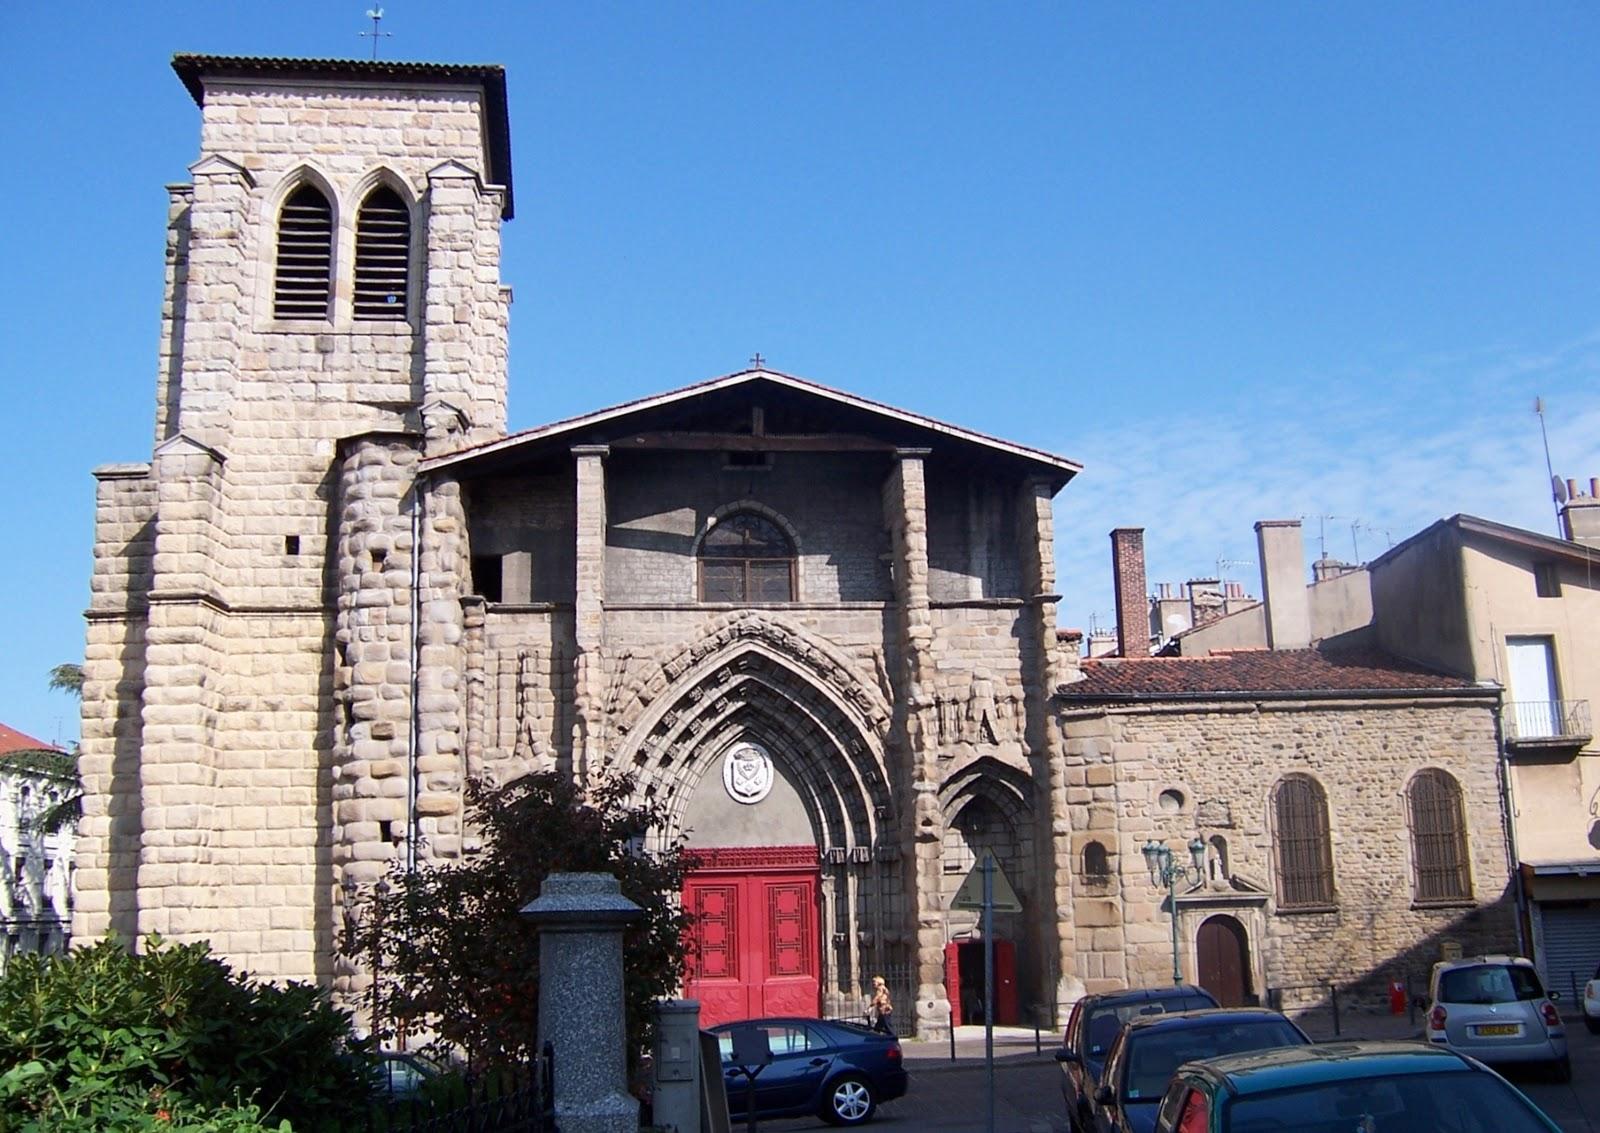 Saint-Etienne France  city photo : ... voyage to Saint Etienne, Rhône Alpes province, France, Europe